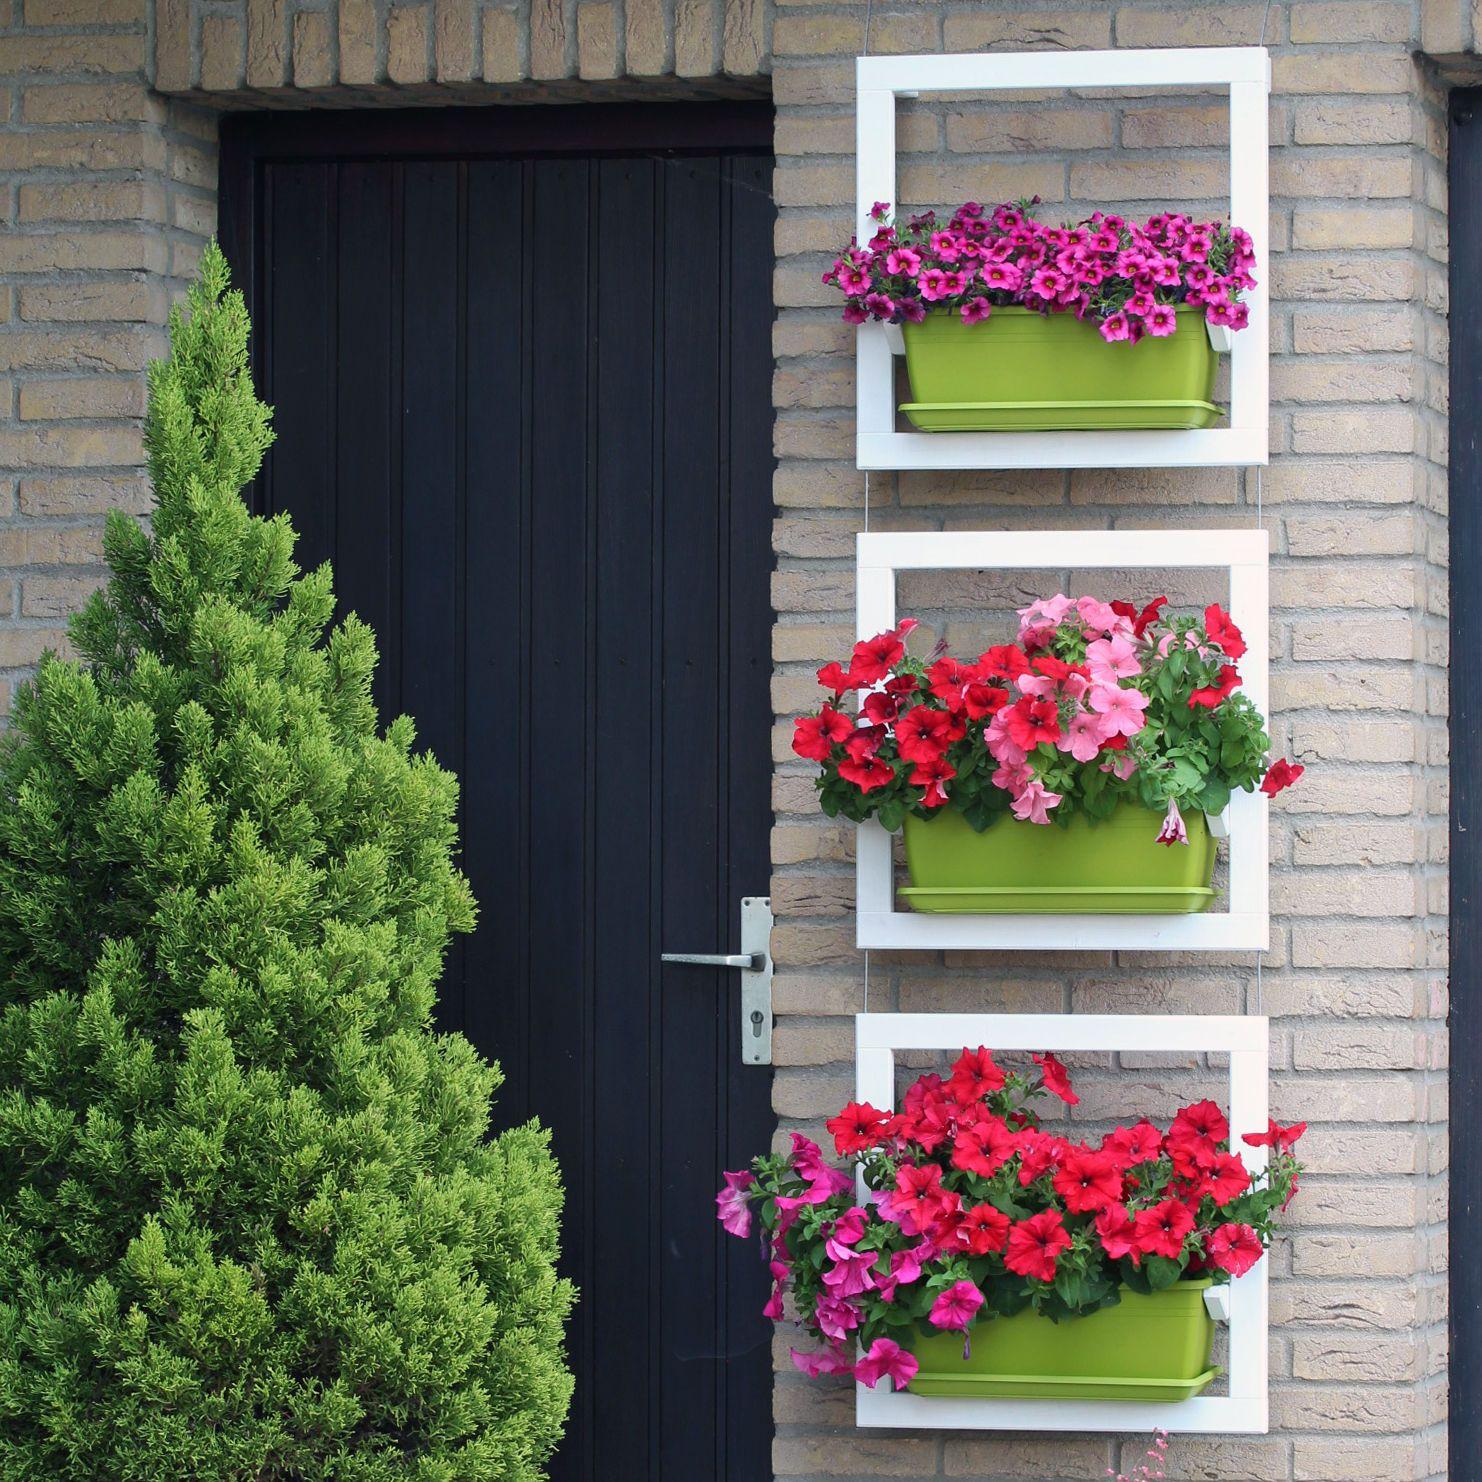 Blumenrahmen 3-fach, Kräuterschaukel, wooden-boards | Garten | Pinterest